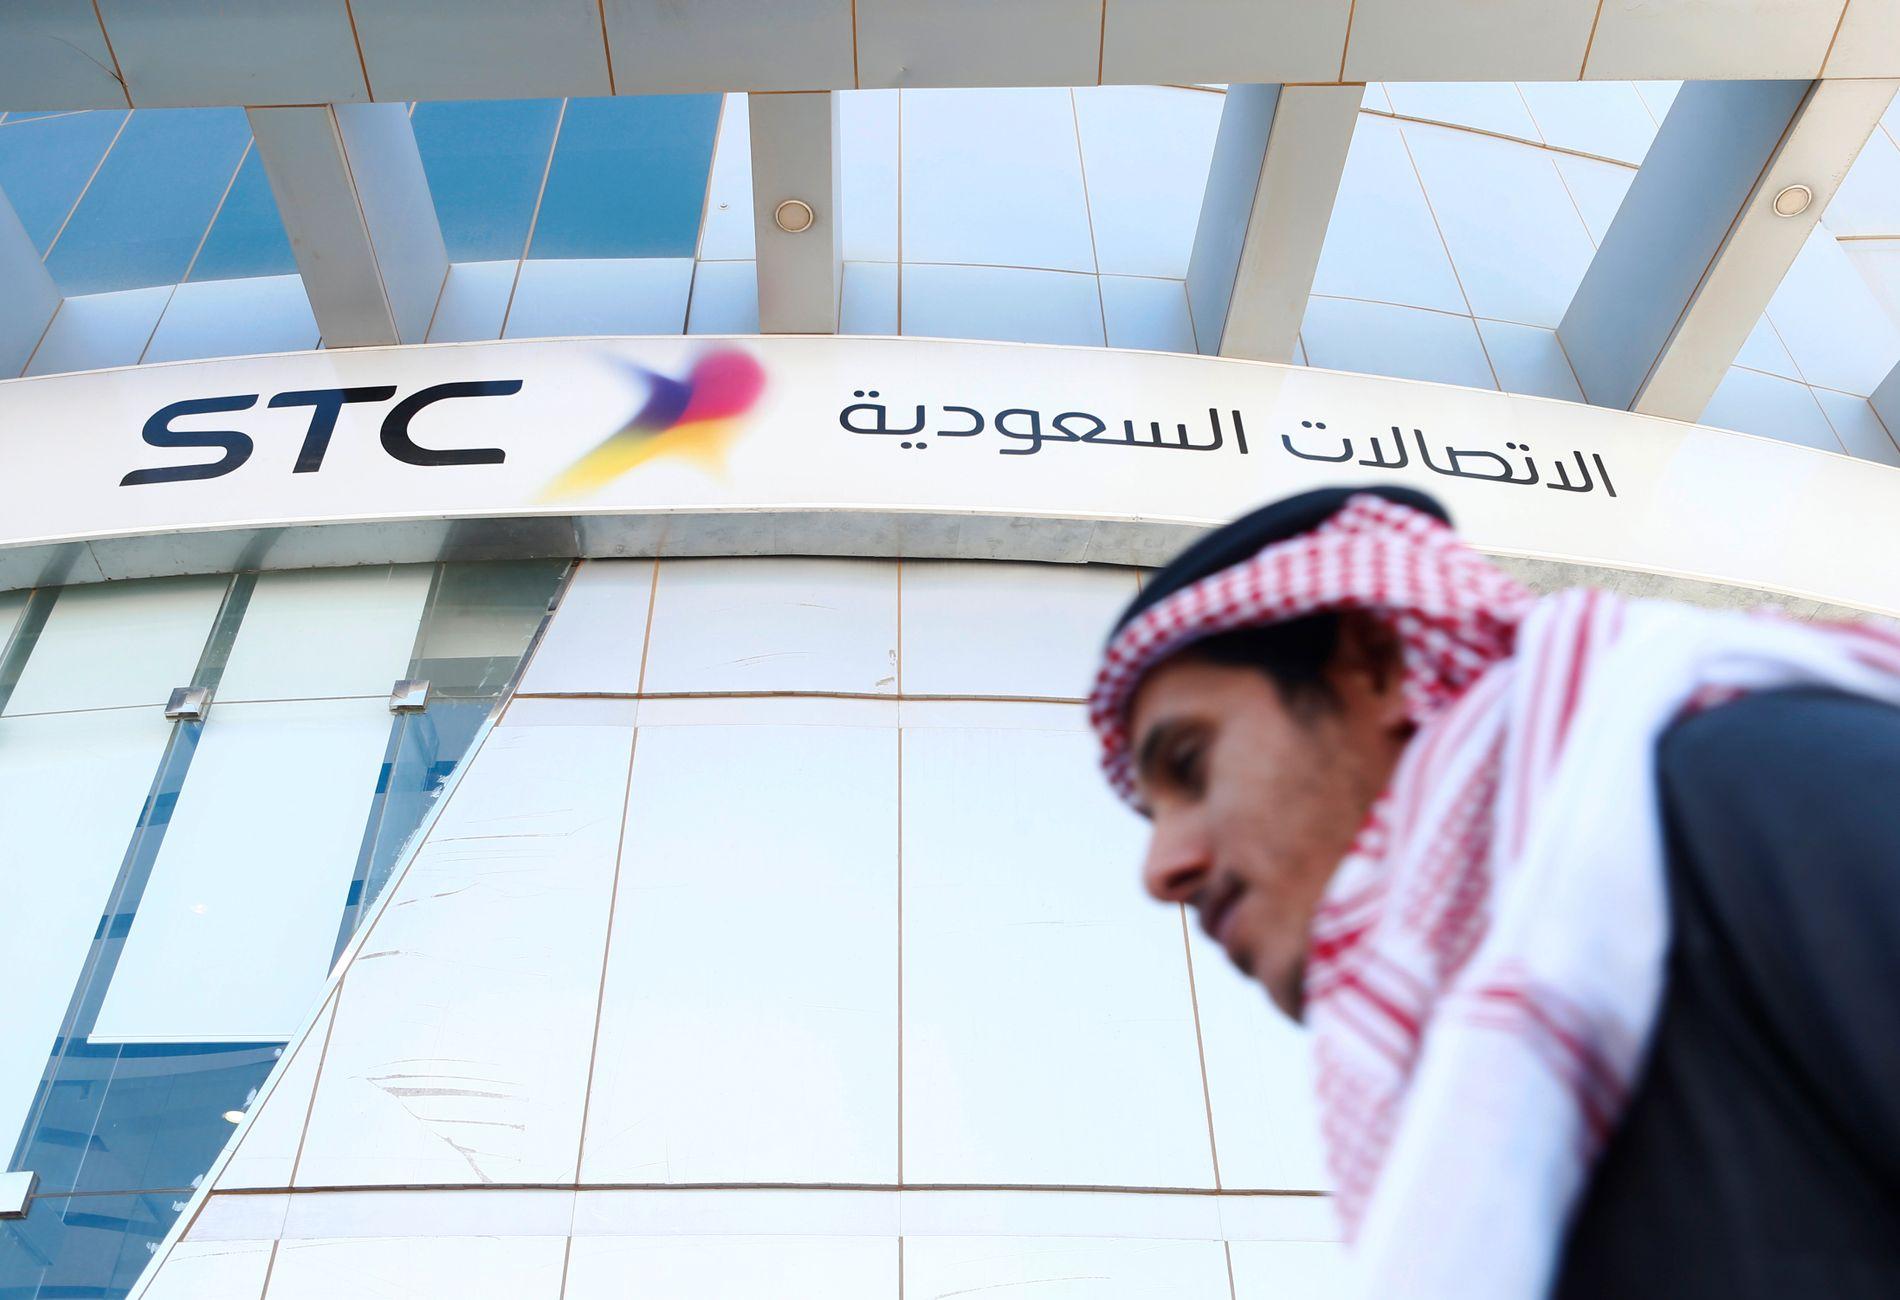 INVESTERER: En mann passerer kontorene til det saudiske telekom-selskapet STC, et selskap Oljefondet har tjent gode penger på og som kritiseres for å bidra til menneskerettighetsbrudd.